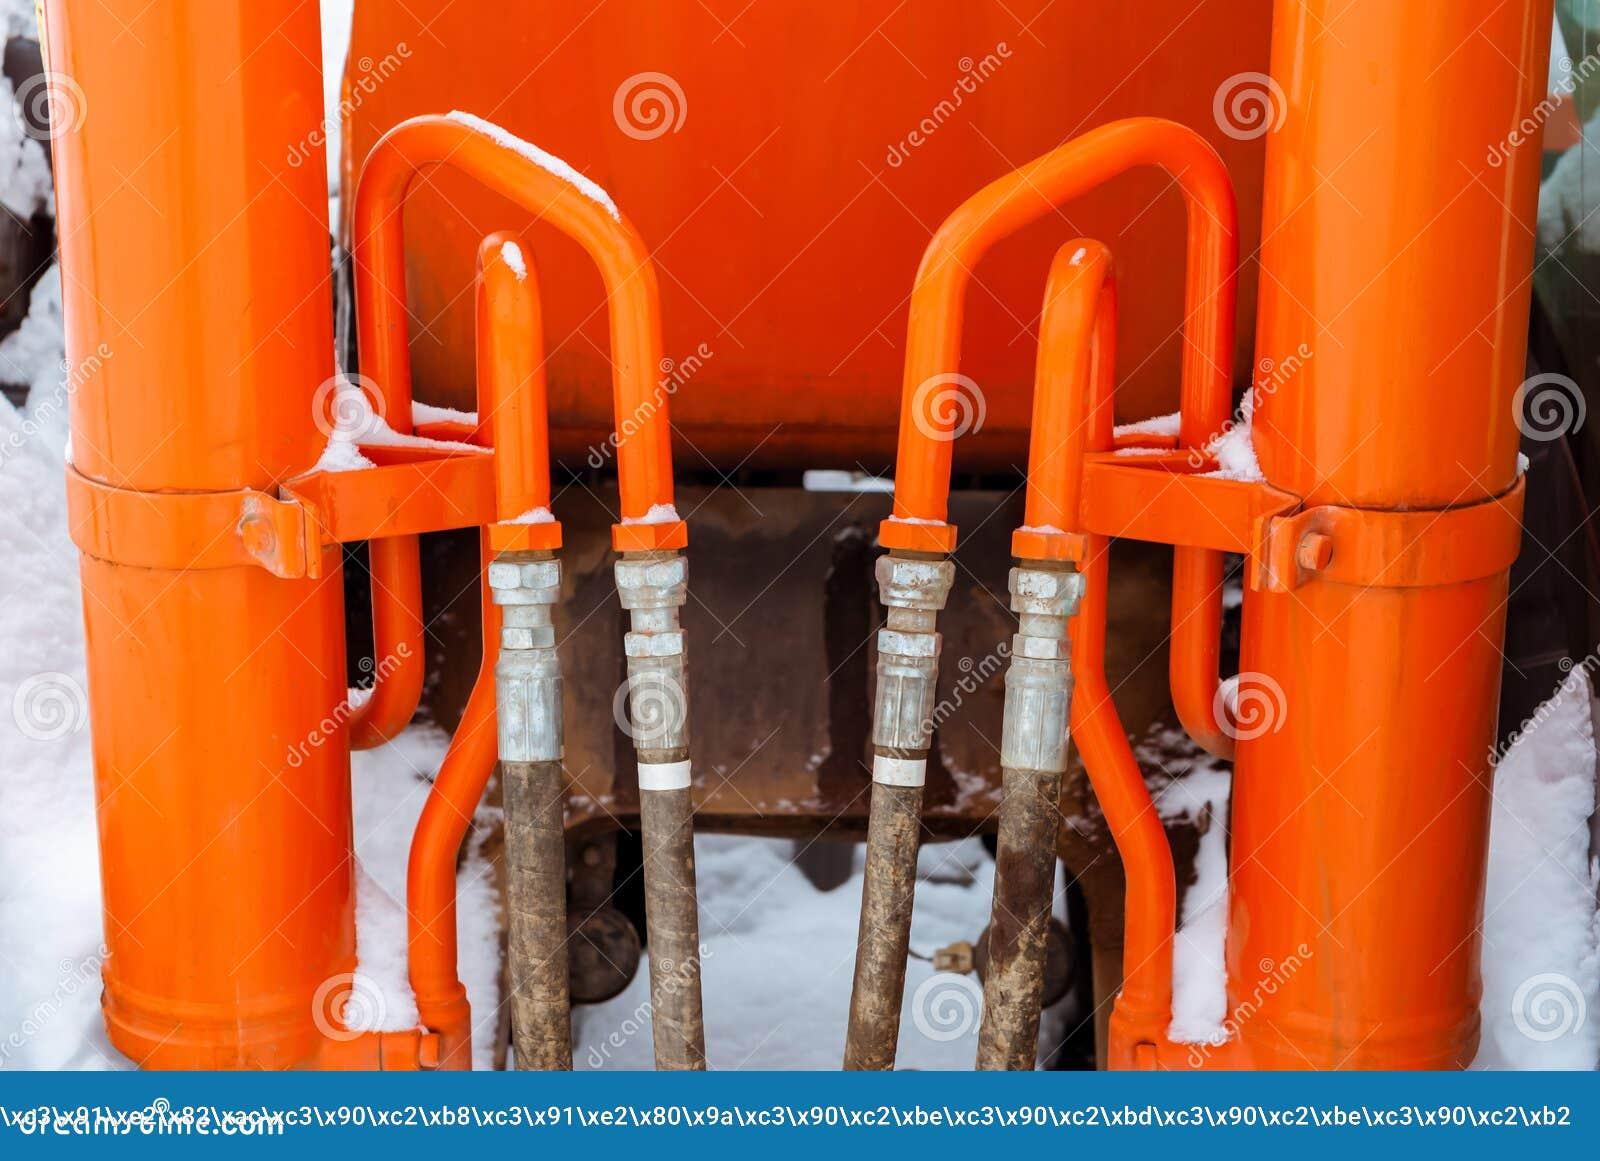 Oranje hydraulisch aandrijvingssysteem